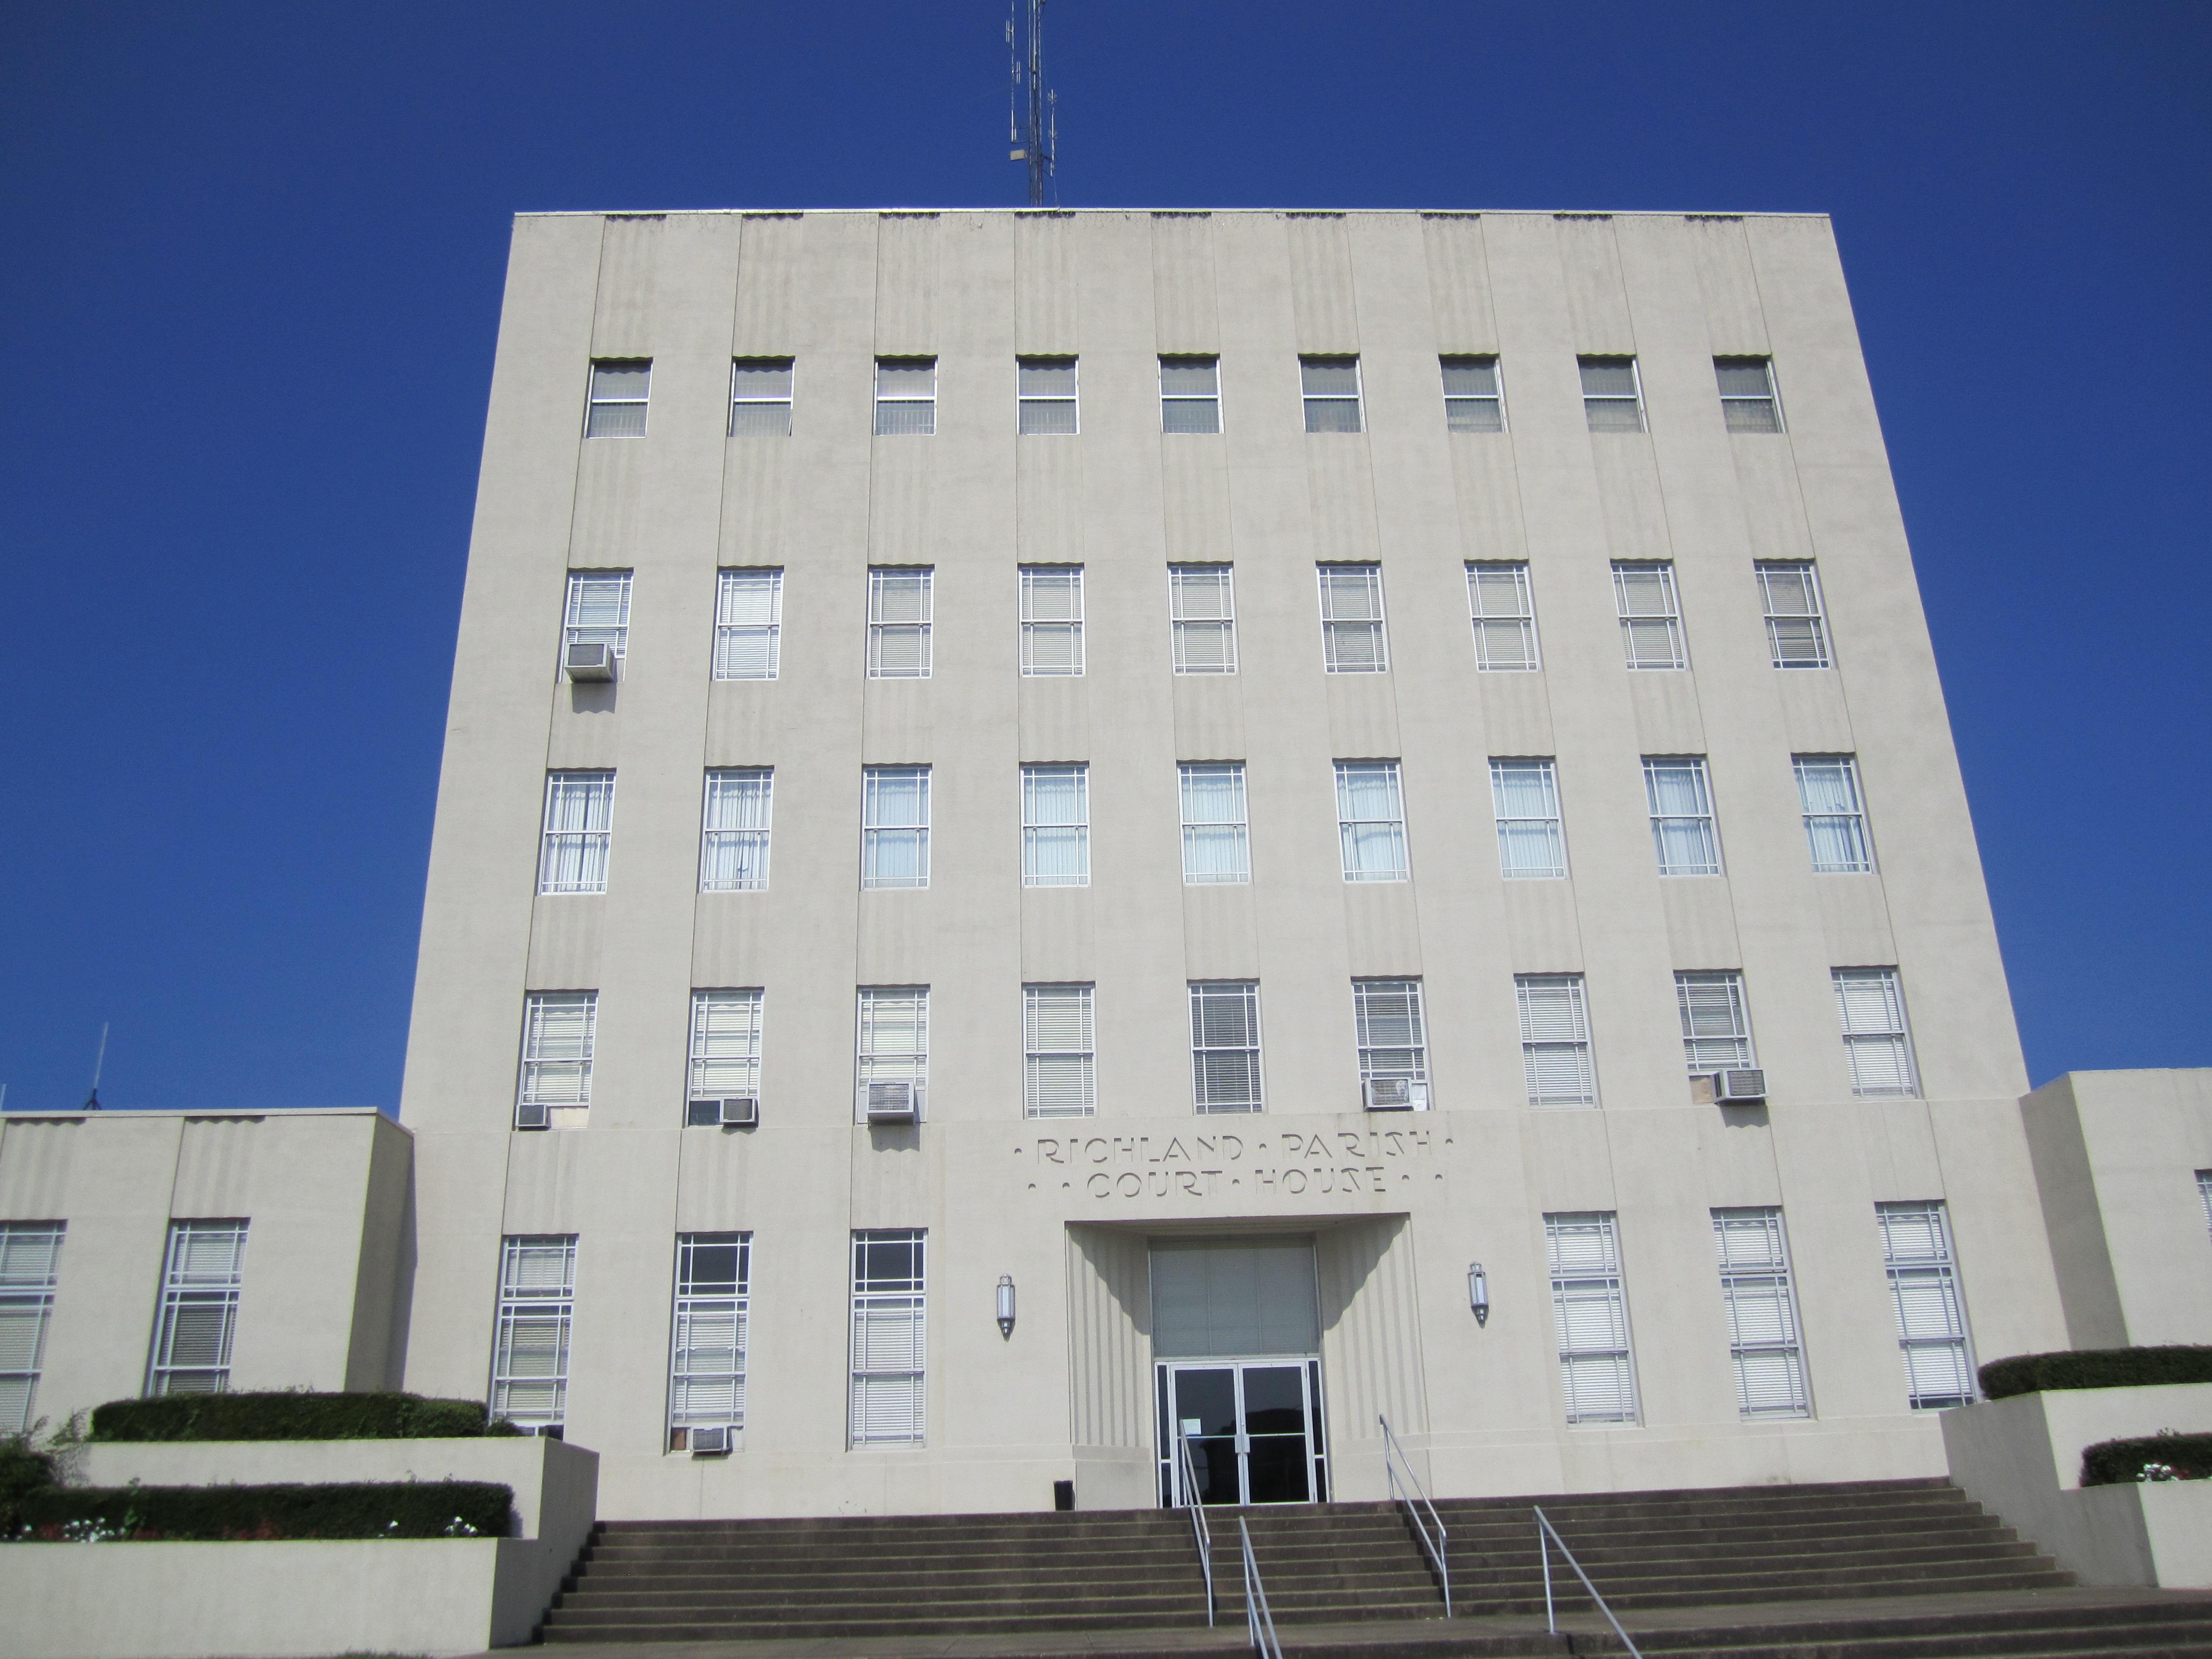 richland parish courthouse rayville la img 0153 jpg